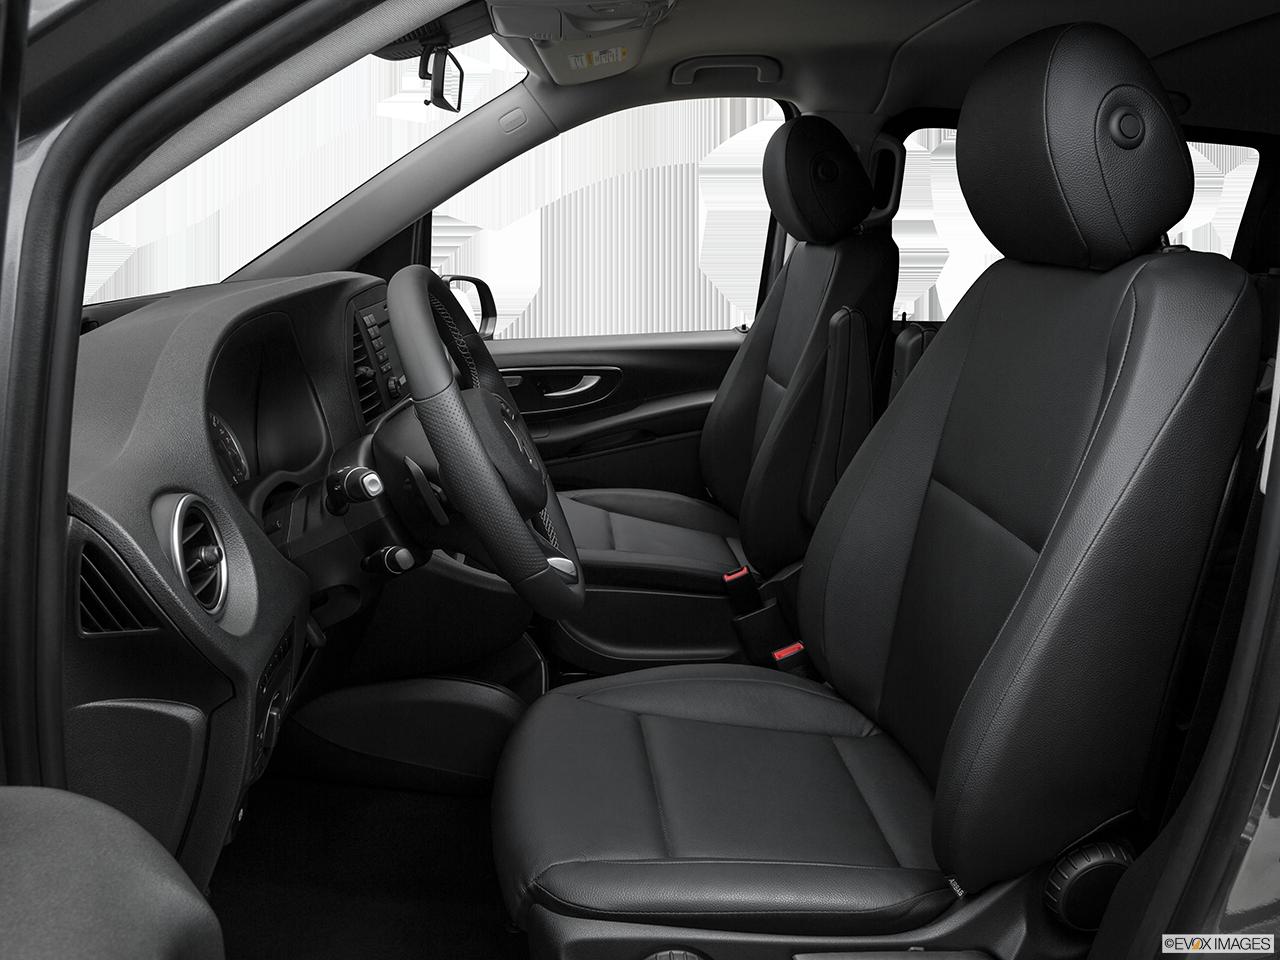 Research The 2016 Mercedes-Benz METRIS Passenger Van in El Cajon